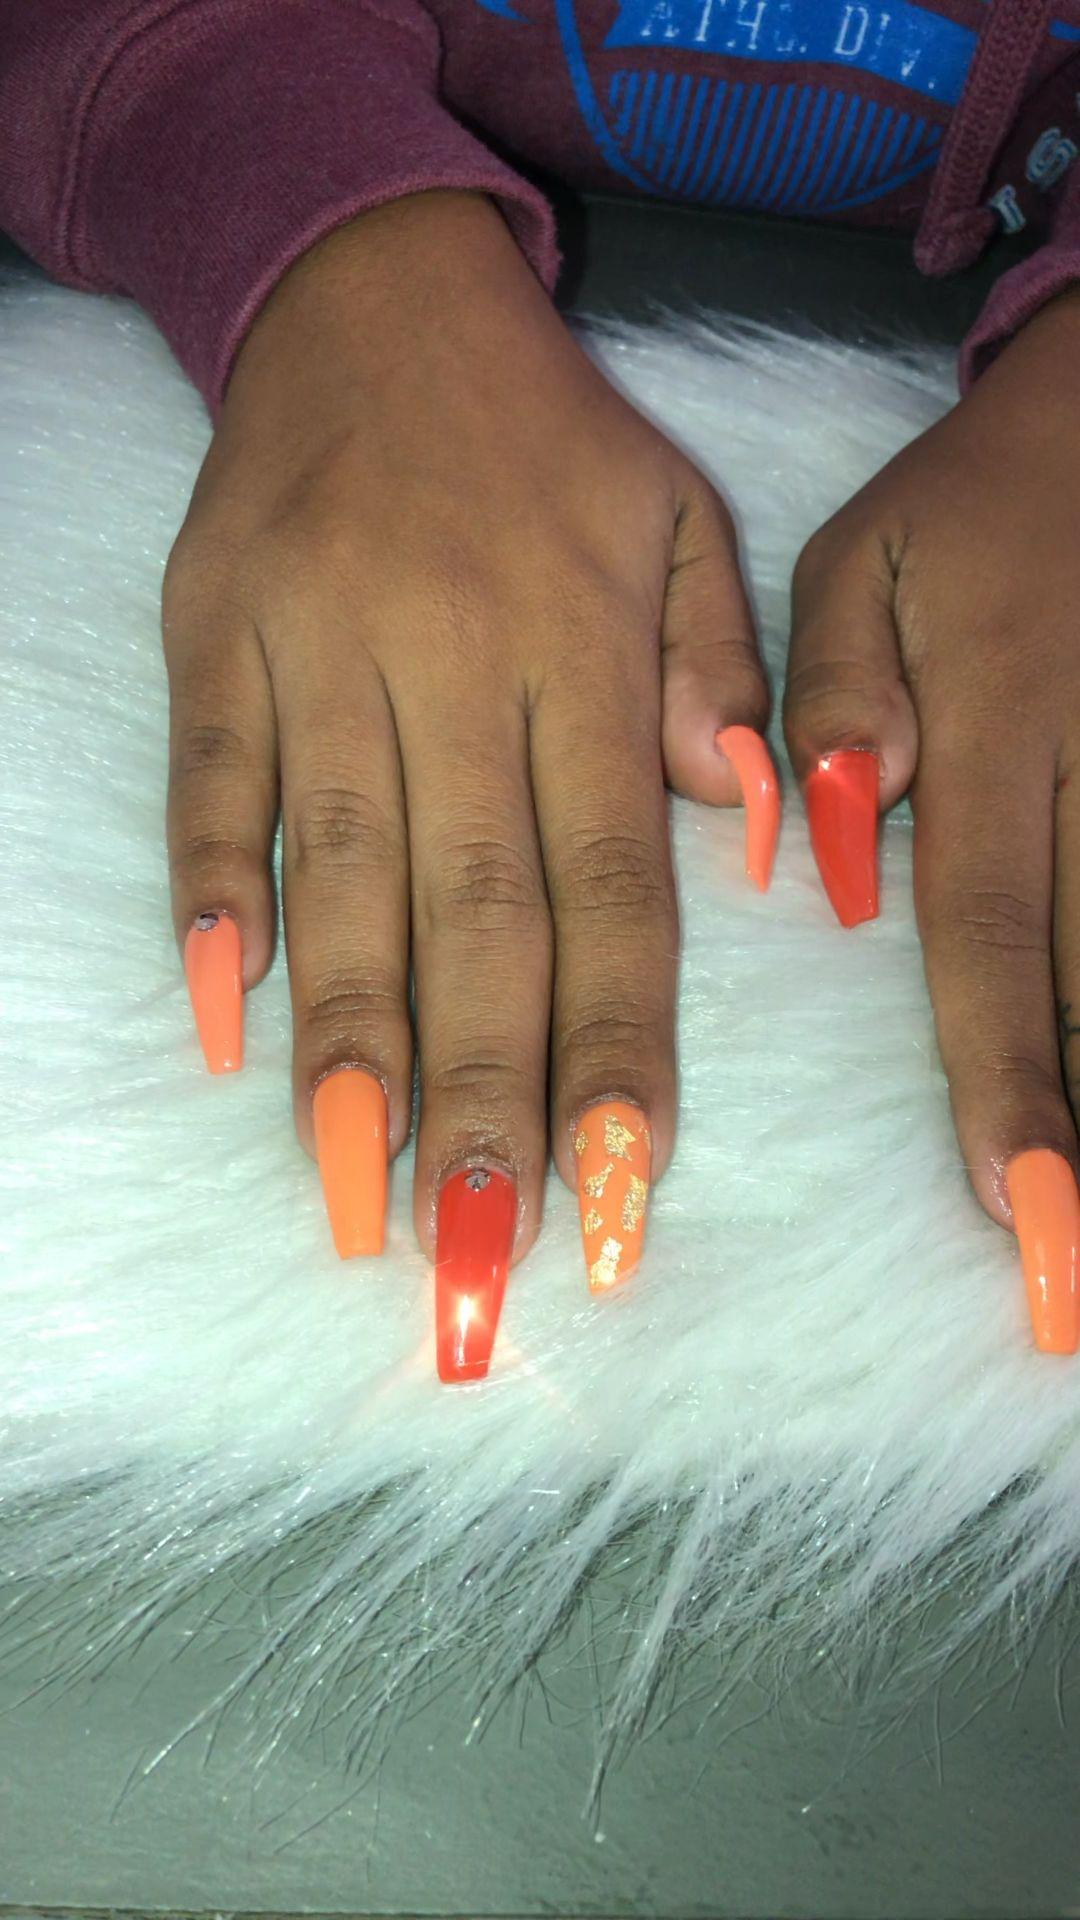 #fall #fallnails #orangenails #goldnails #longnails #apres #apresnails #fullset #diamondnails #accentnails #nailart #thebrand #thebrandnails #lanails #california #shinynails